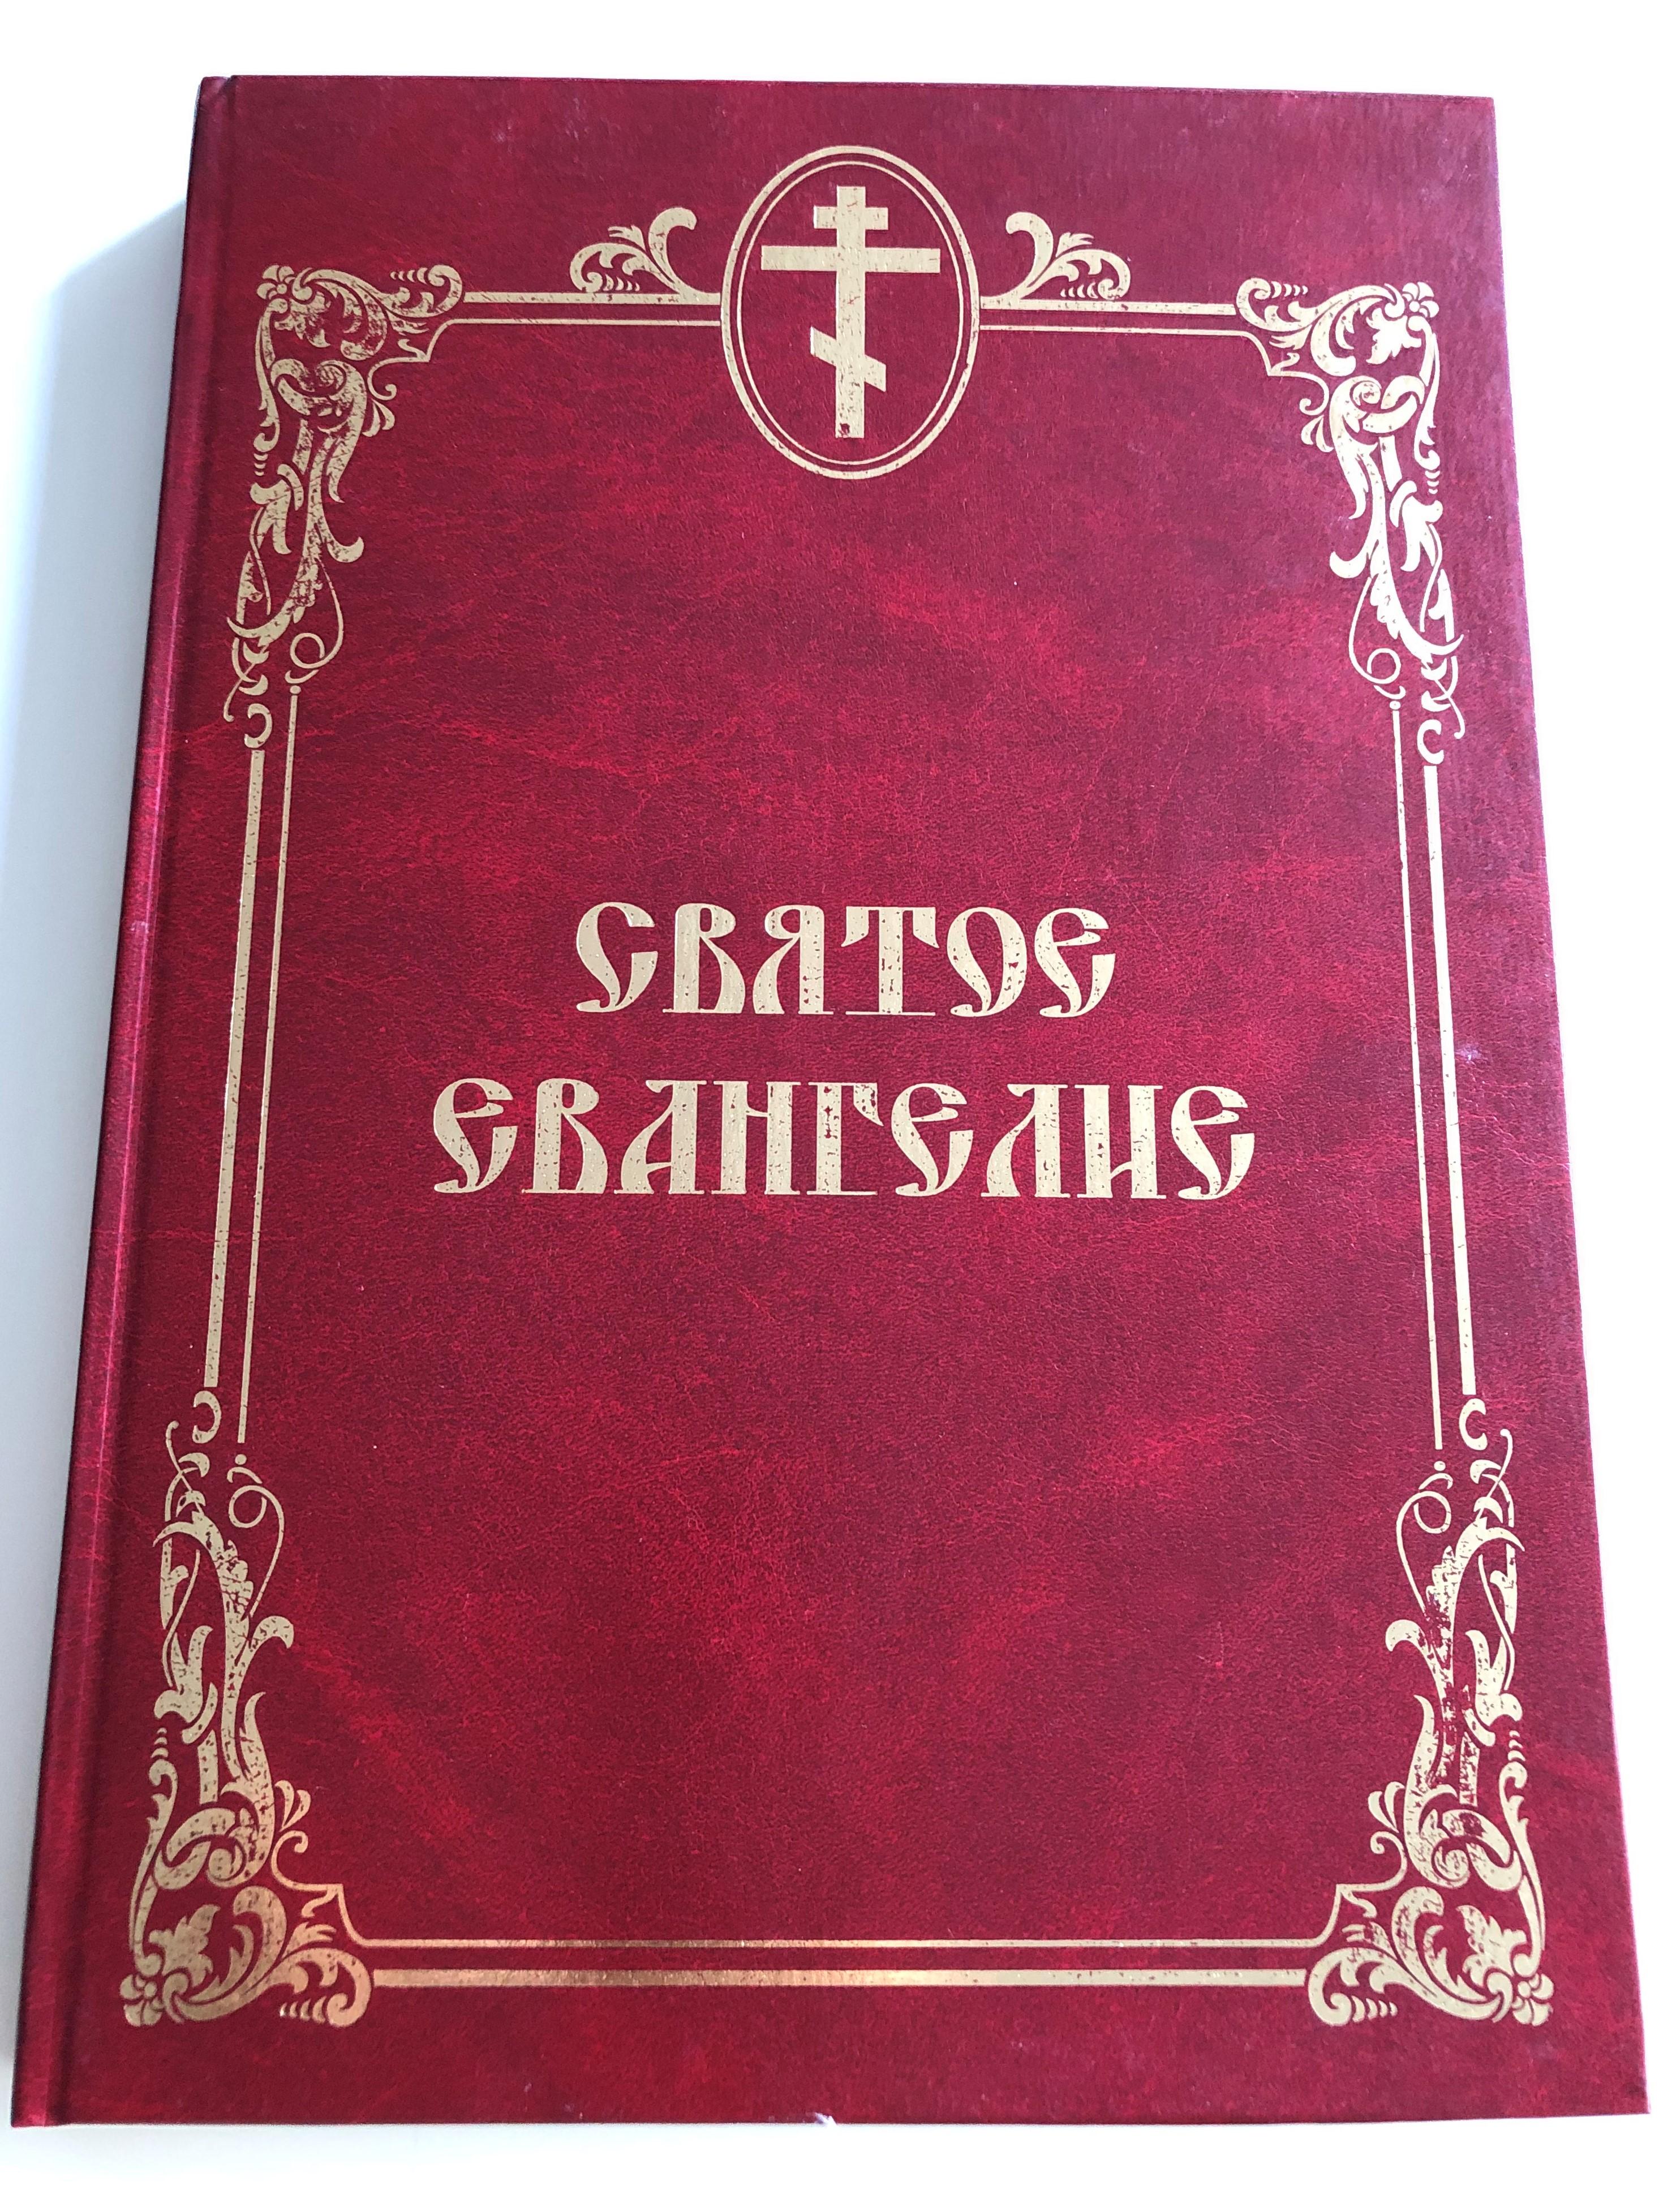 the-four-gospels-in-russian-large-print-for-the-elderly-the-gospels-according-to-matthew-mark-luke-john-orthodox-cover-theme-1-.jpg